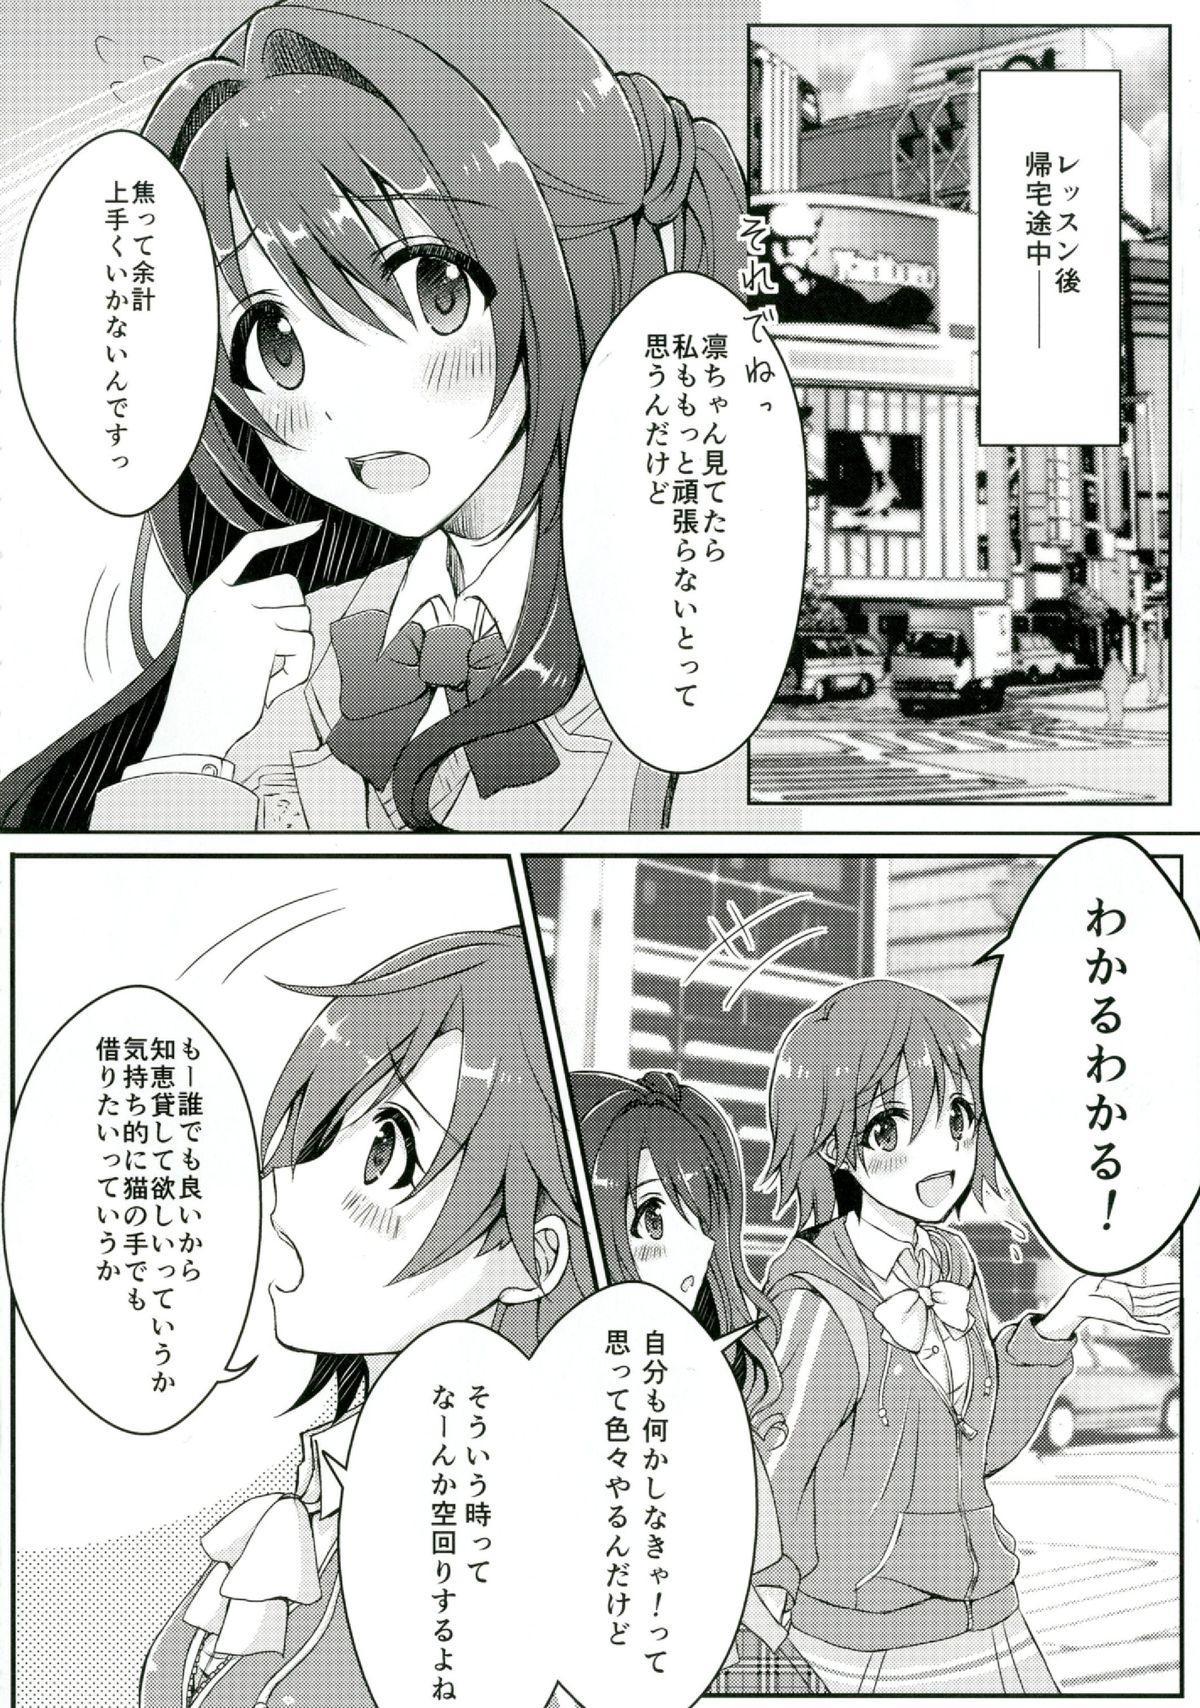 Himitsu no Tokkun 5